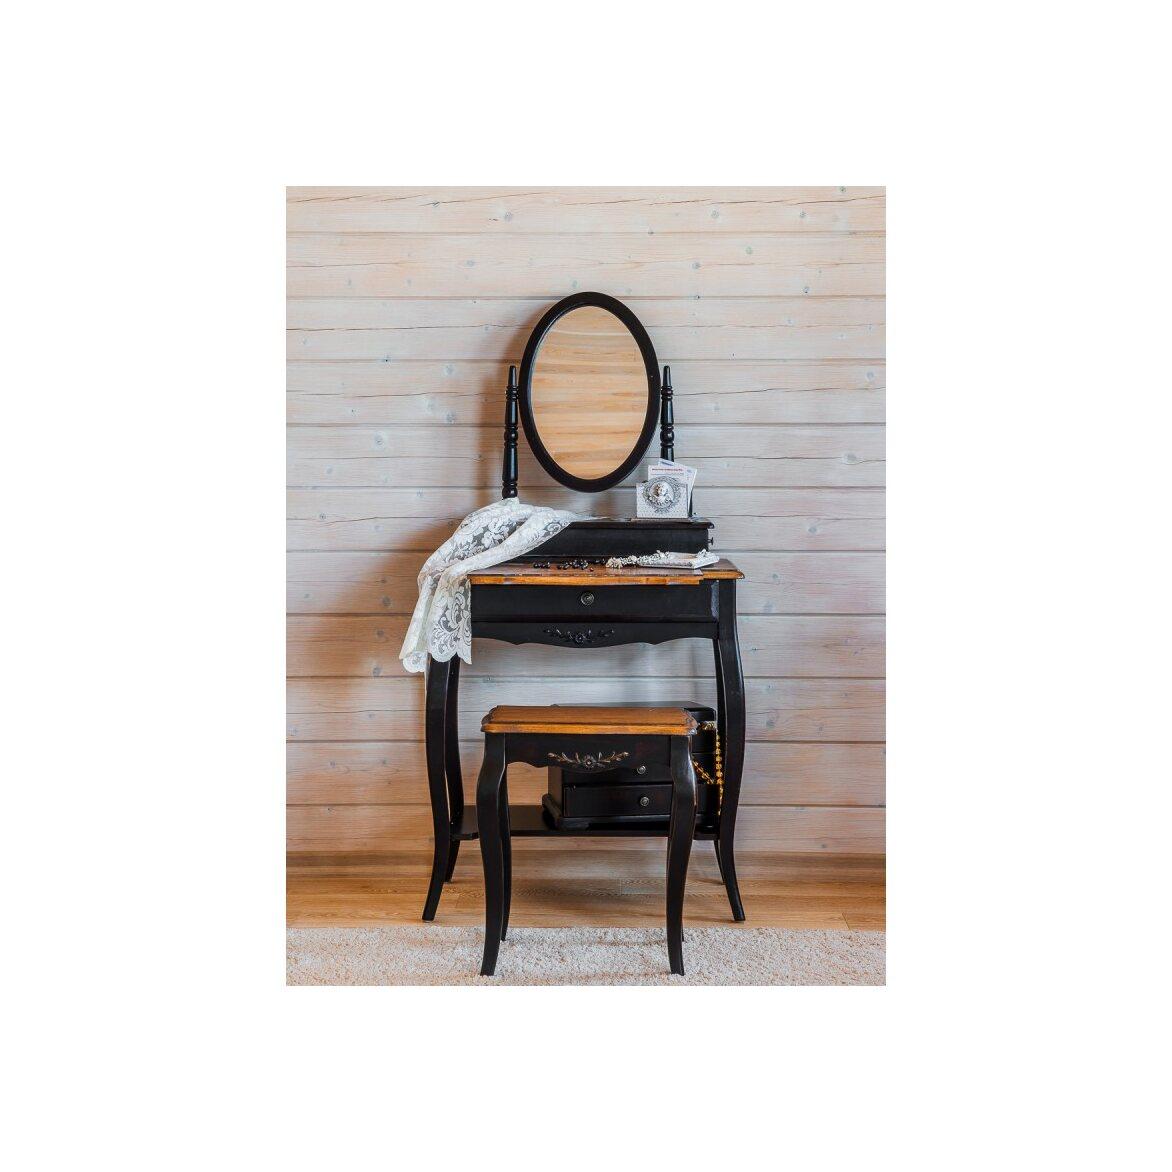 Туалетный столик с овальным зеркалом Leontina, черного цвета 6 | Туалетные столики Kingsby